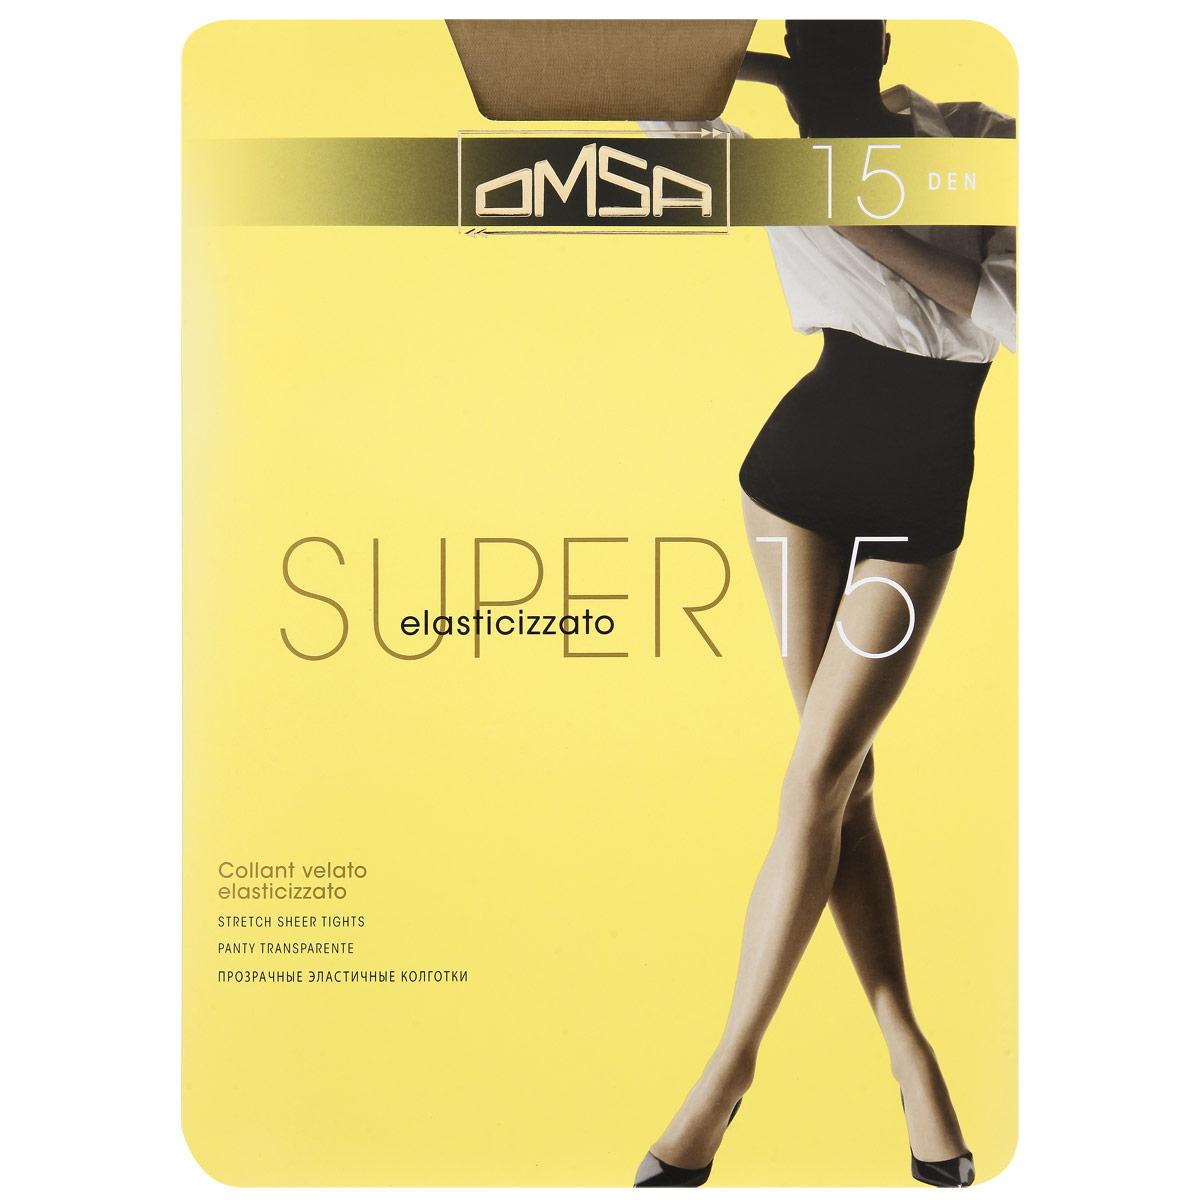 Колготки Omsa Super 15. Caramello (бледно-коричневый). Размер 3-M106 Super 15Практичные и легкие эластичные колготки Omsa с верхней частью в виде штанишек. Уплотненный носок.Плотность: 15 Den. Omsa - одна из наиболее важных компаний, производящих трикотаж, которая так близка любой женщине. А устойчивым положением компания обязана своей философии, которая была и остается для нее актуальной. Высокое качество нити, элегантность, внимание к шарму и моде позволяет держаться компании на вершине популярности у женщин всего мира. Внимание к нуждам женщины и постоянная забота о качестве сделали Omsa самой значительной компанией Европы. Благодаря усовершенствованиям в производственной сфере вся продукция Omsa может гордиться своим превосходным качеством.